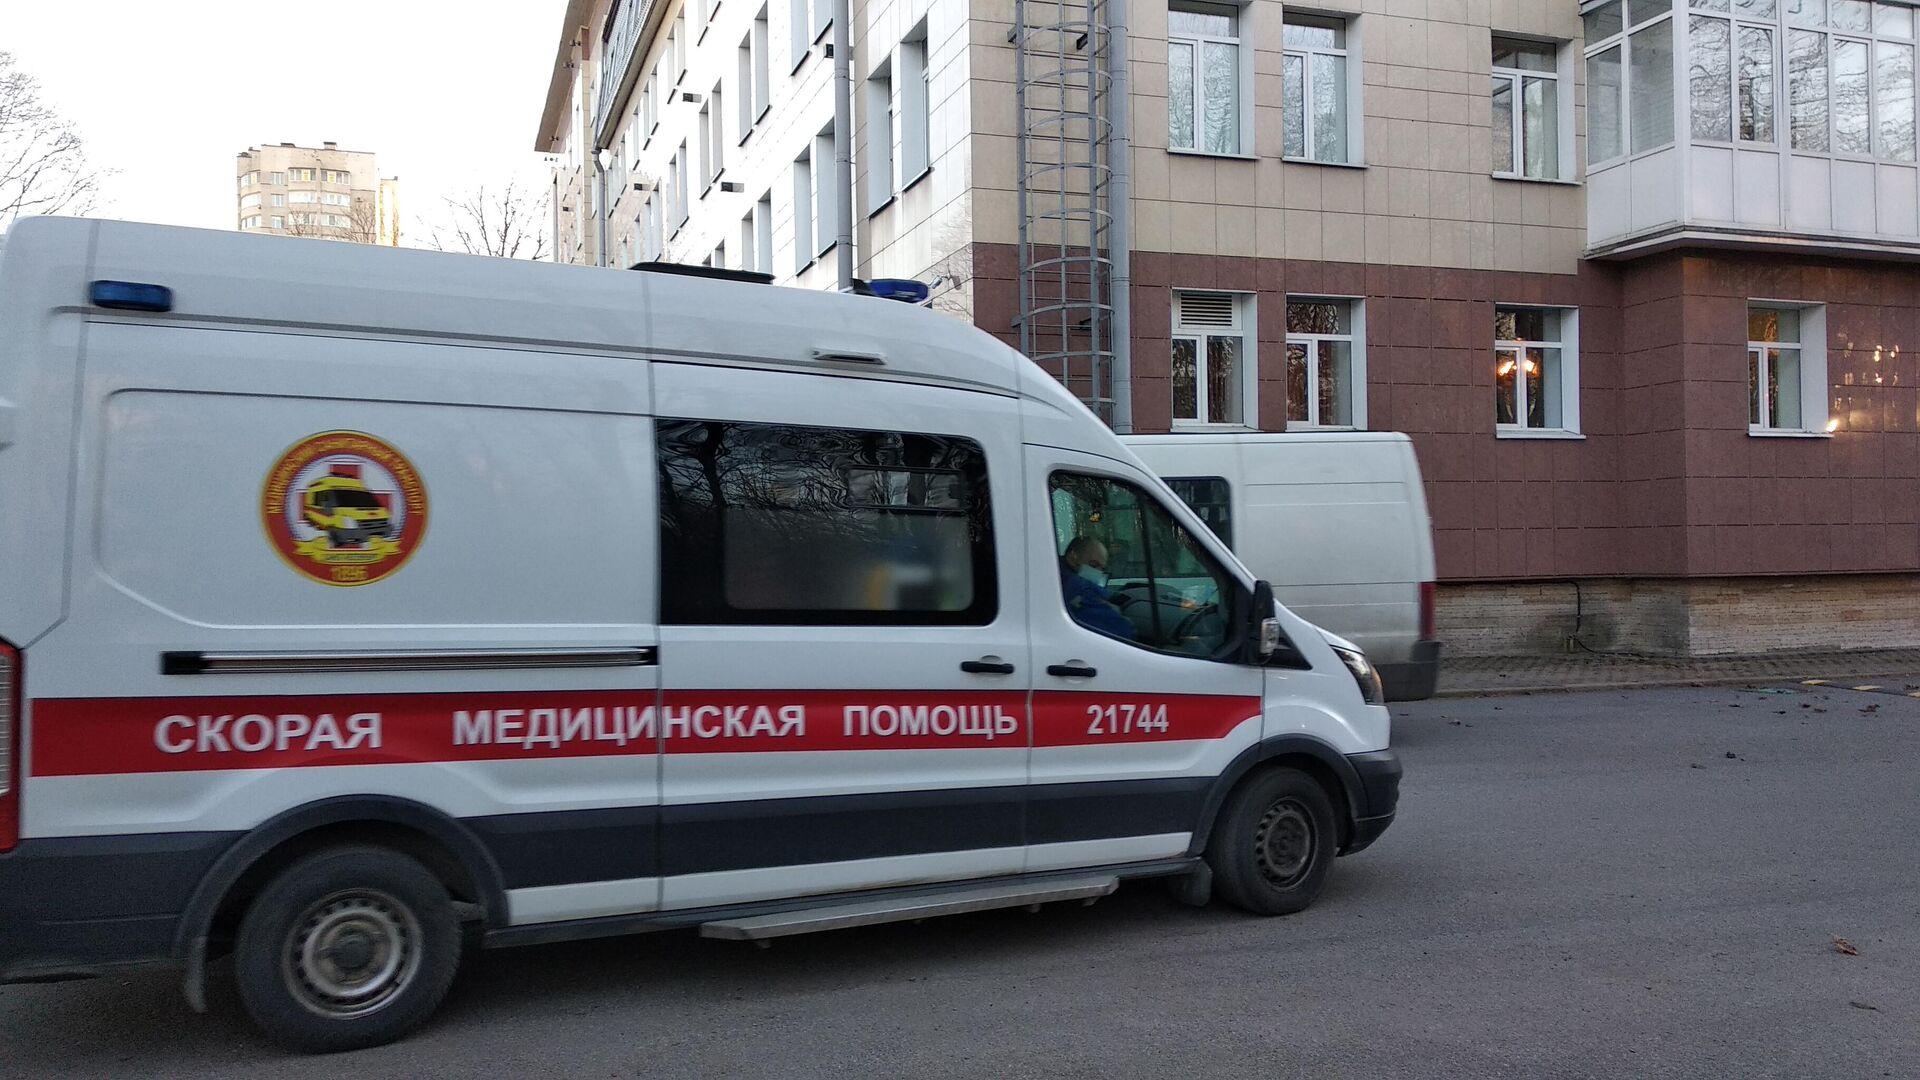 Машина скорой помощи привезла пациента с COVID-19 в Центр Алмазова  - РИА Новости, 1920, 20.12.2020